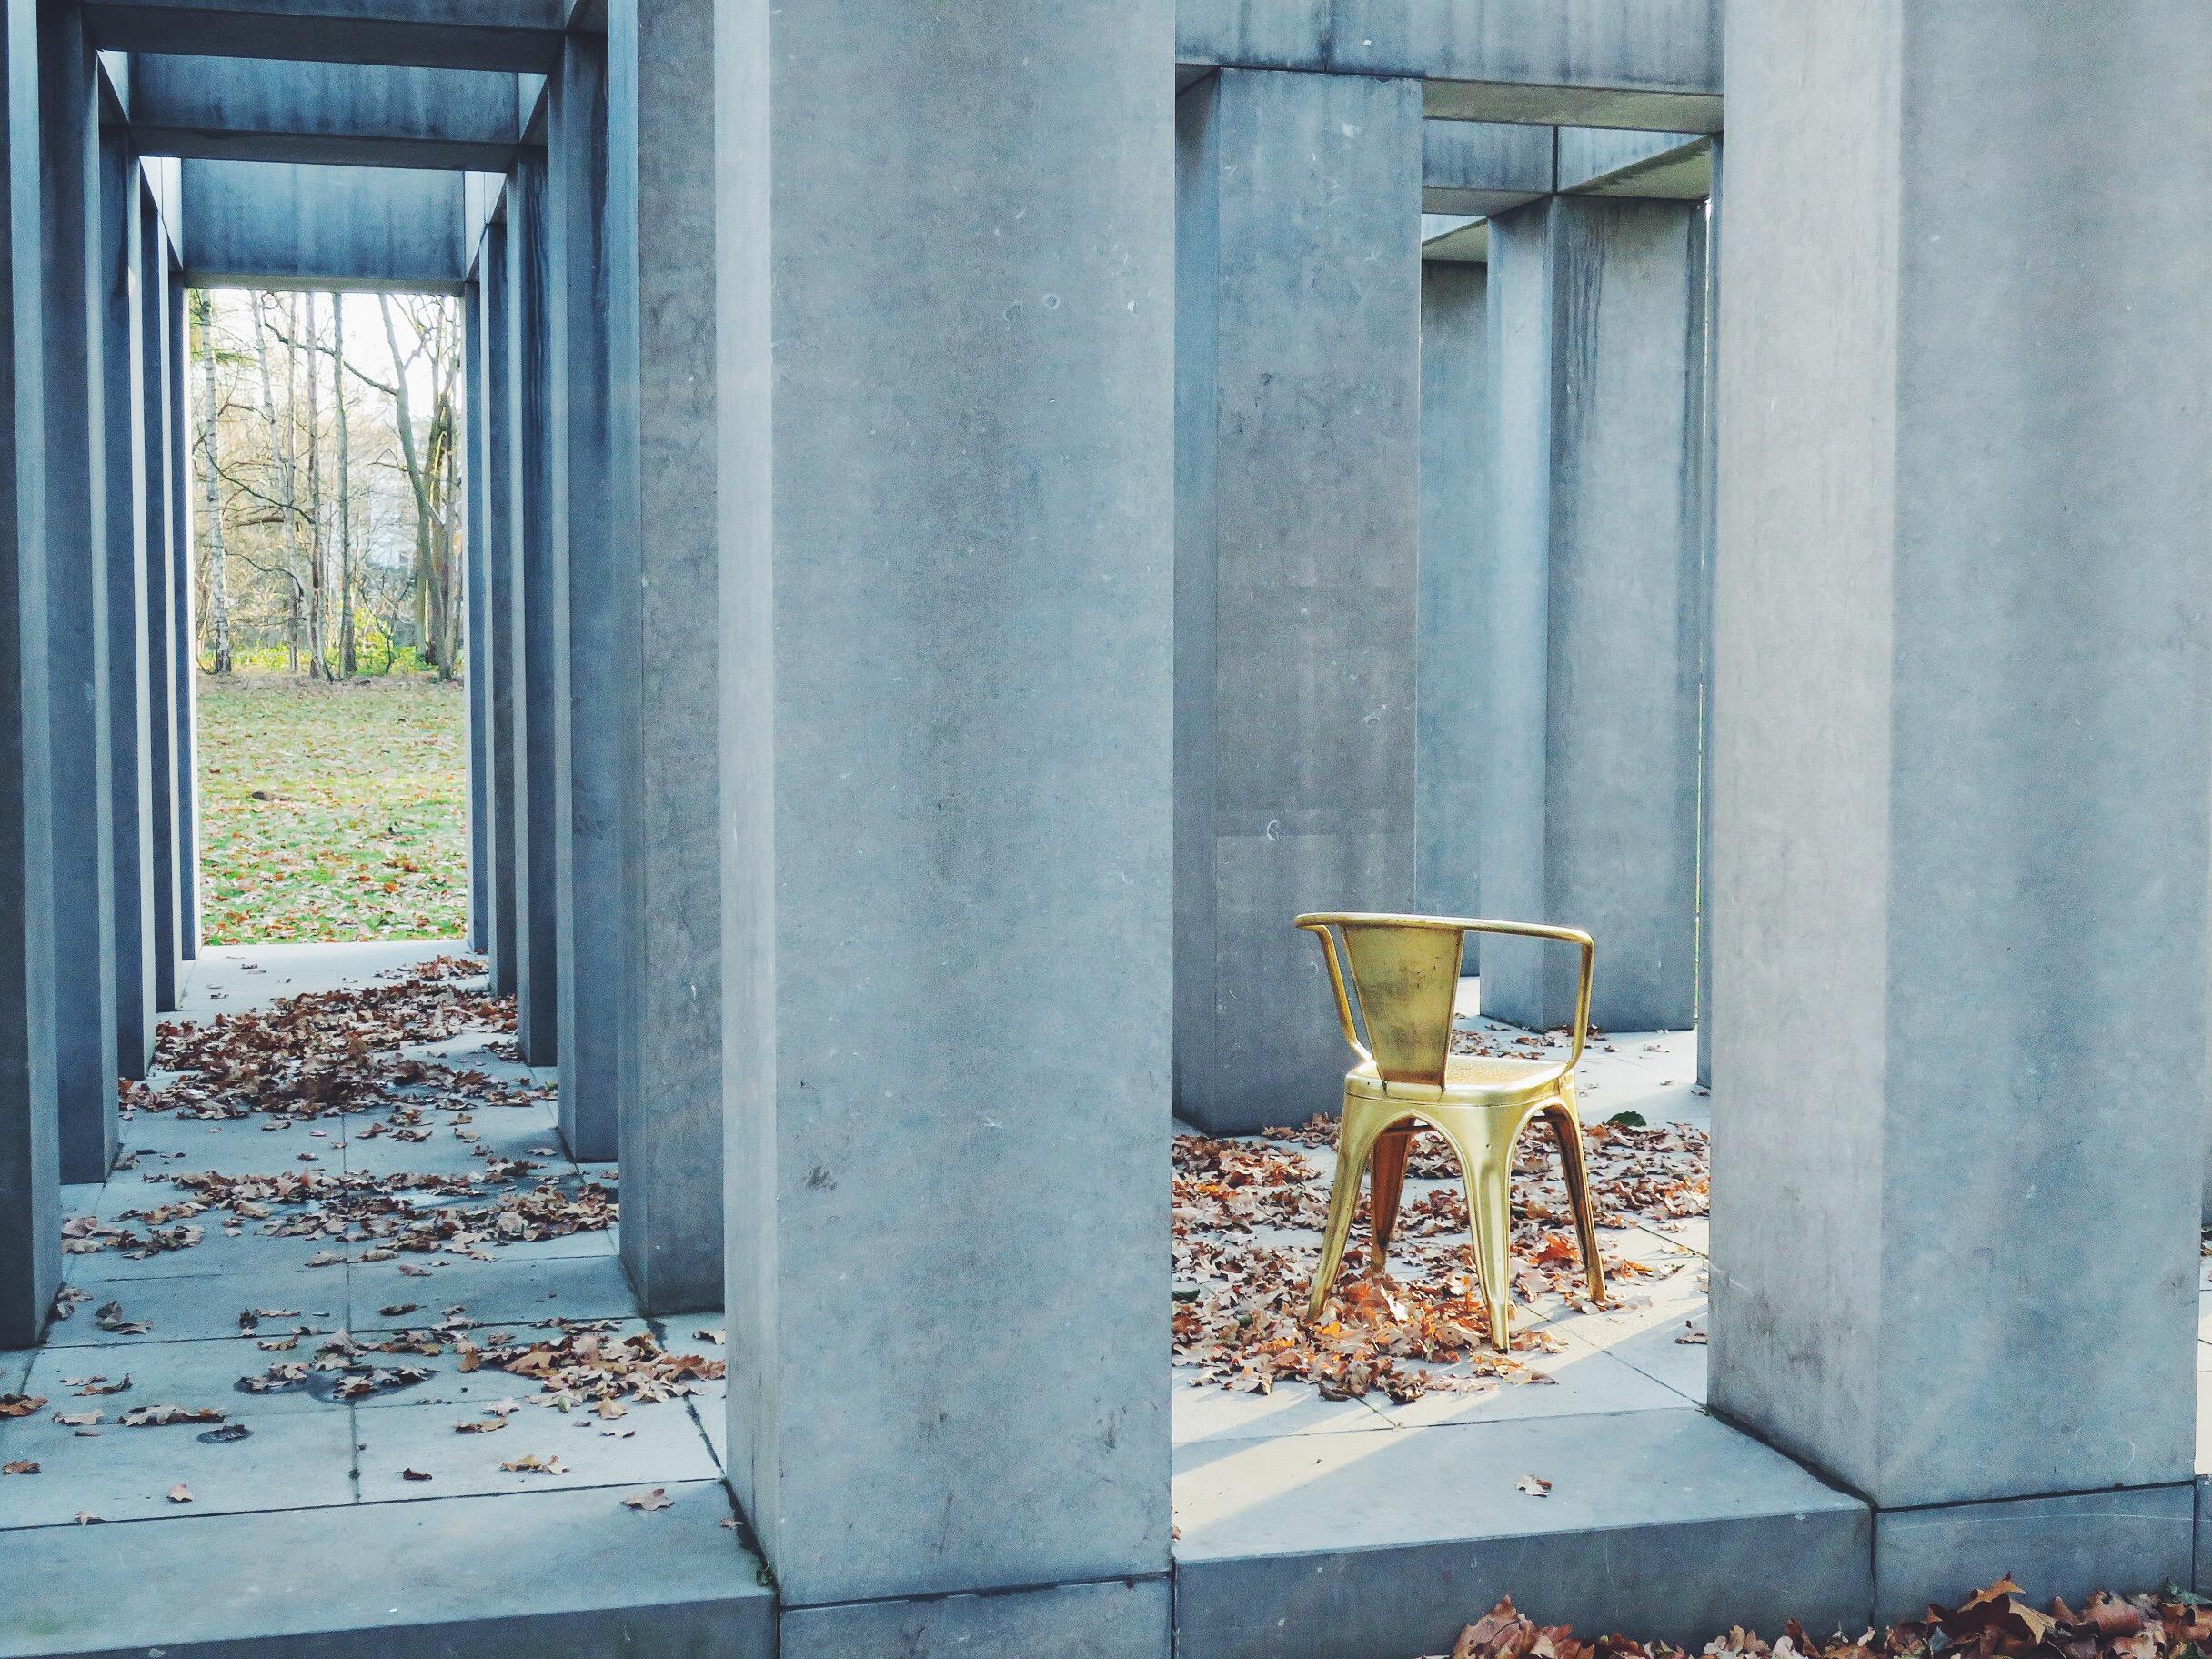 Zuilenpaviljoen, Charles Vandenhove (1982)